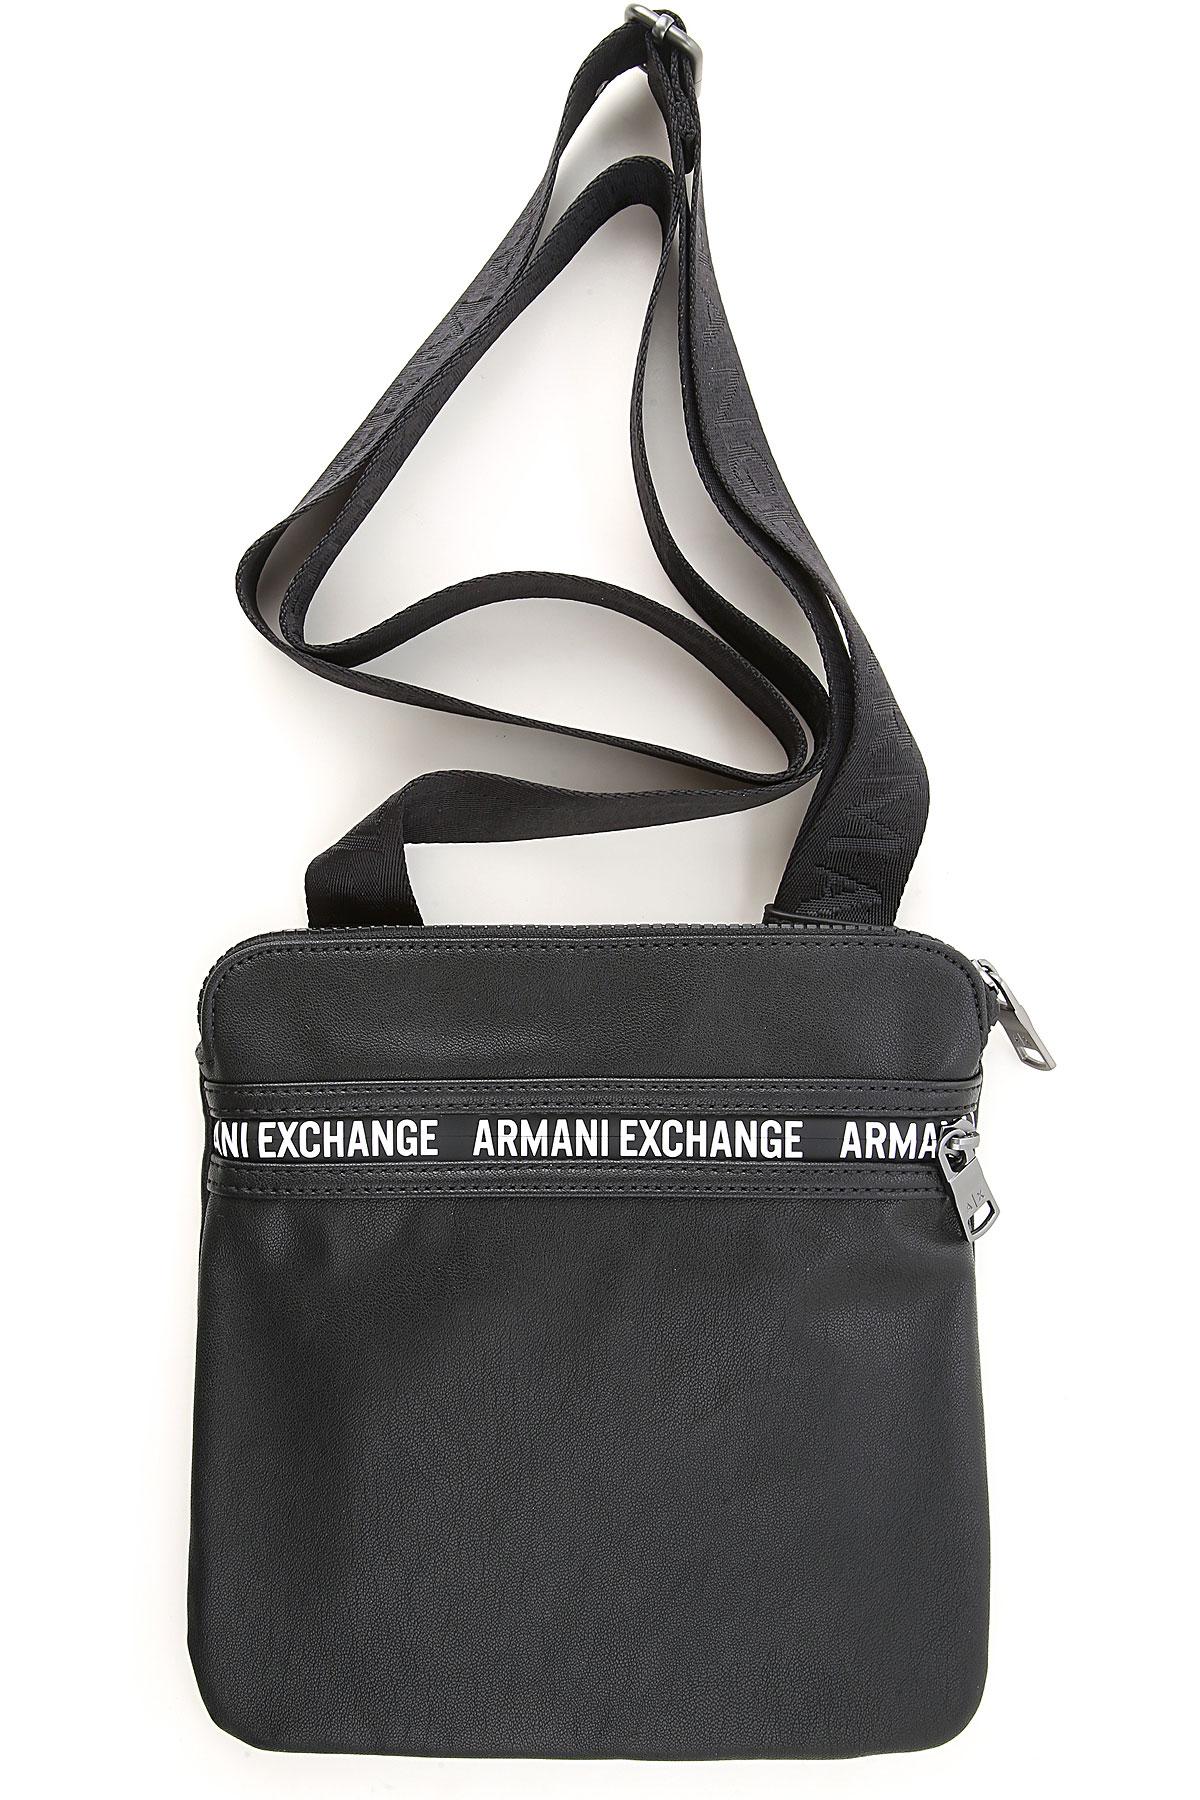 Armani Exchange Messenger Bag for Men On Sale, Black, poliammide, 2019